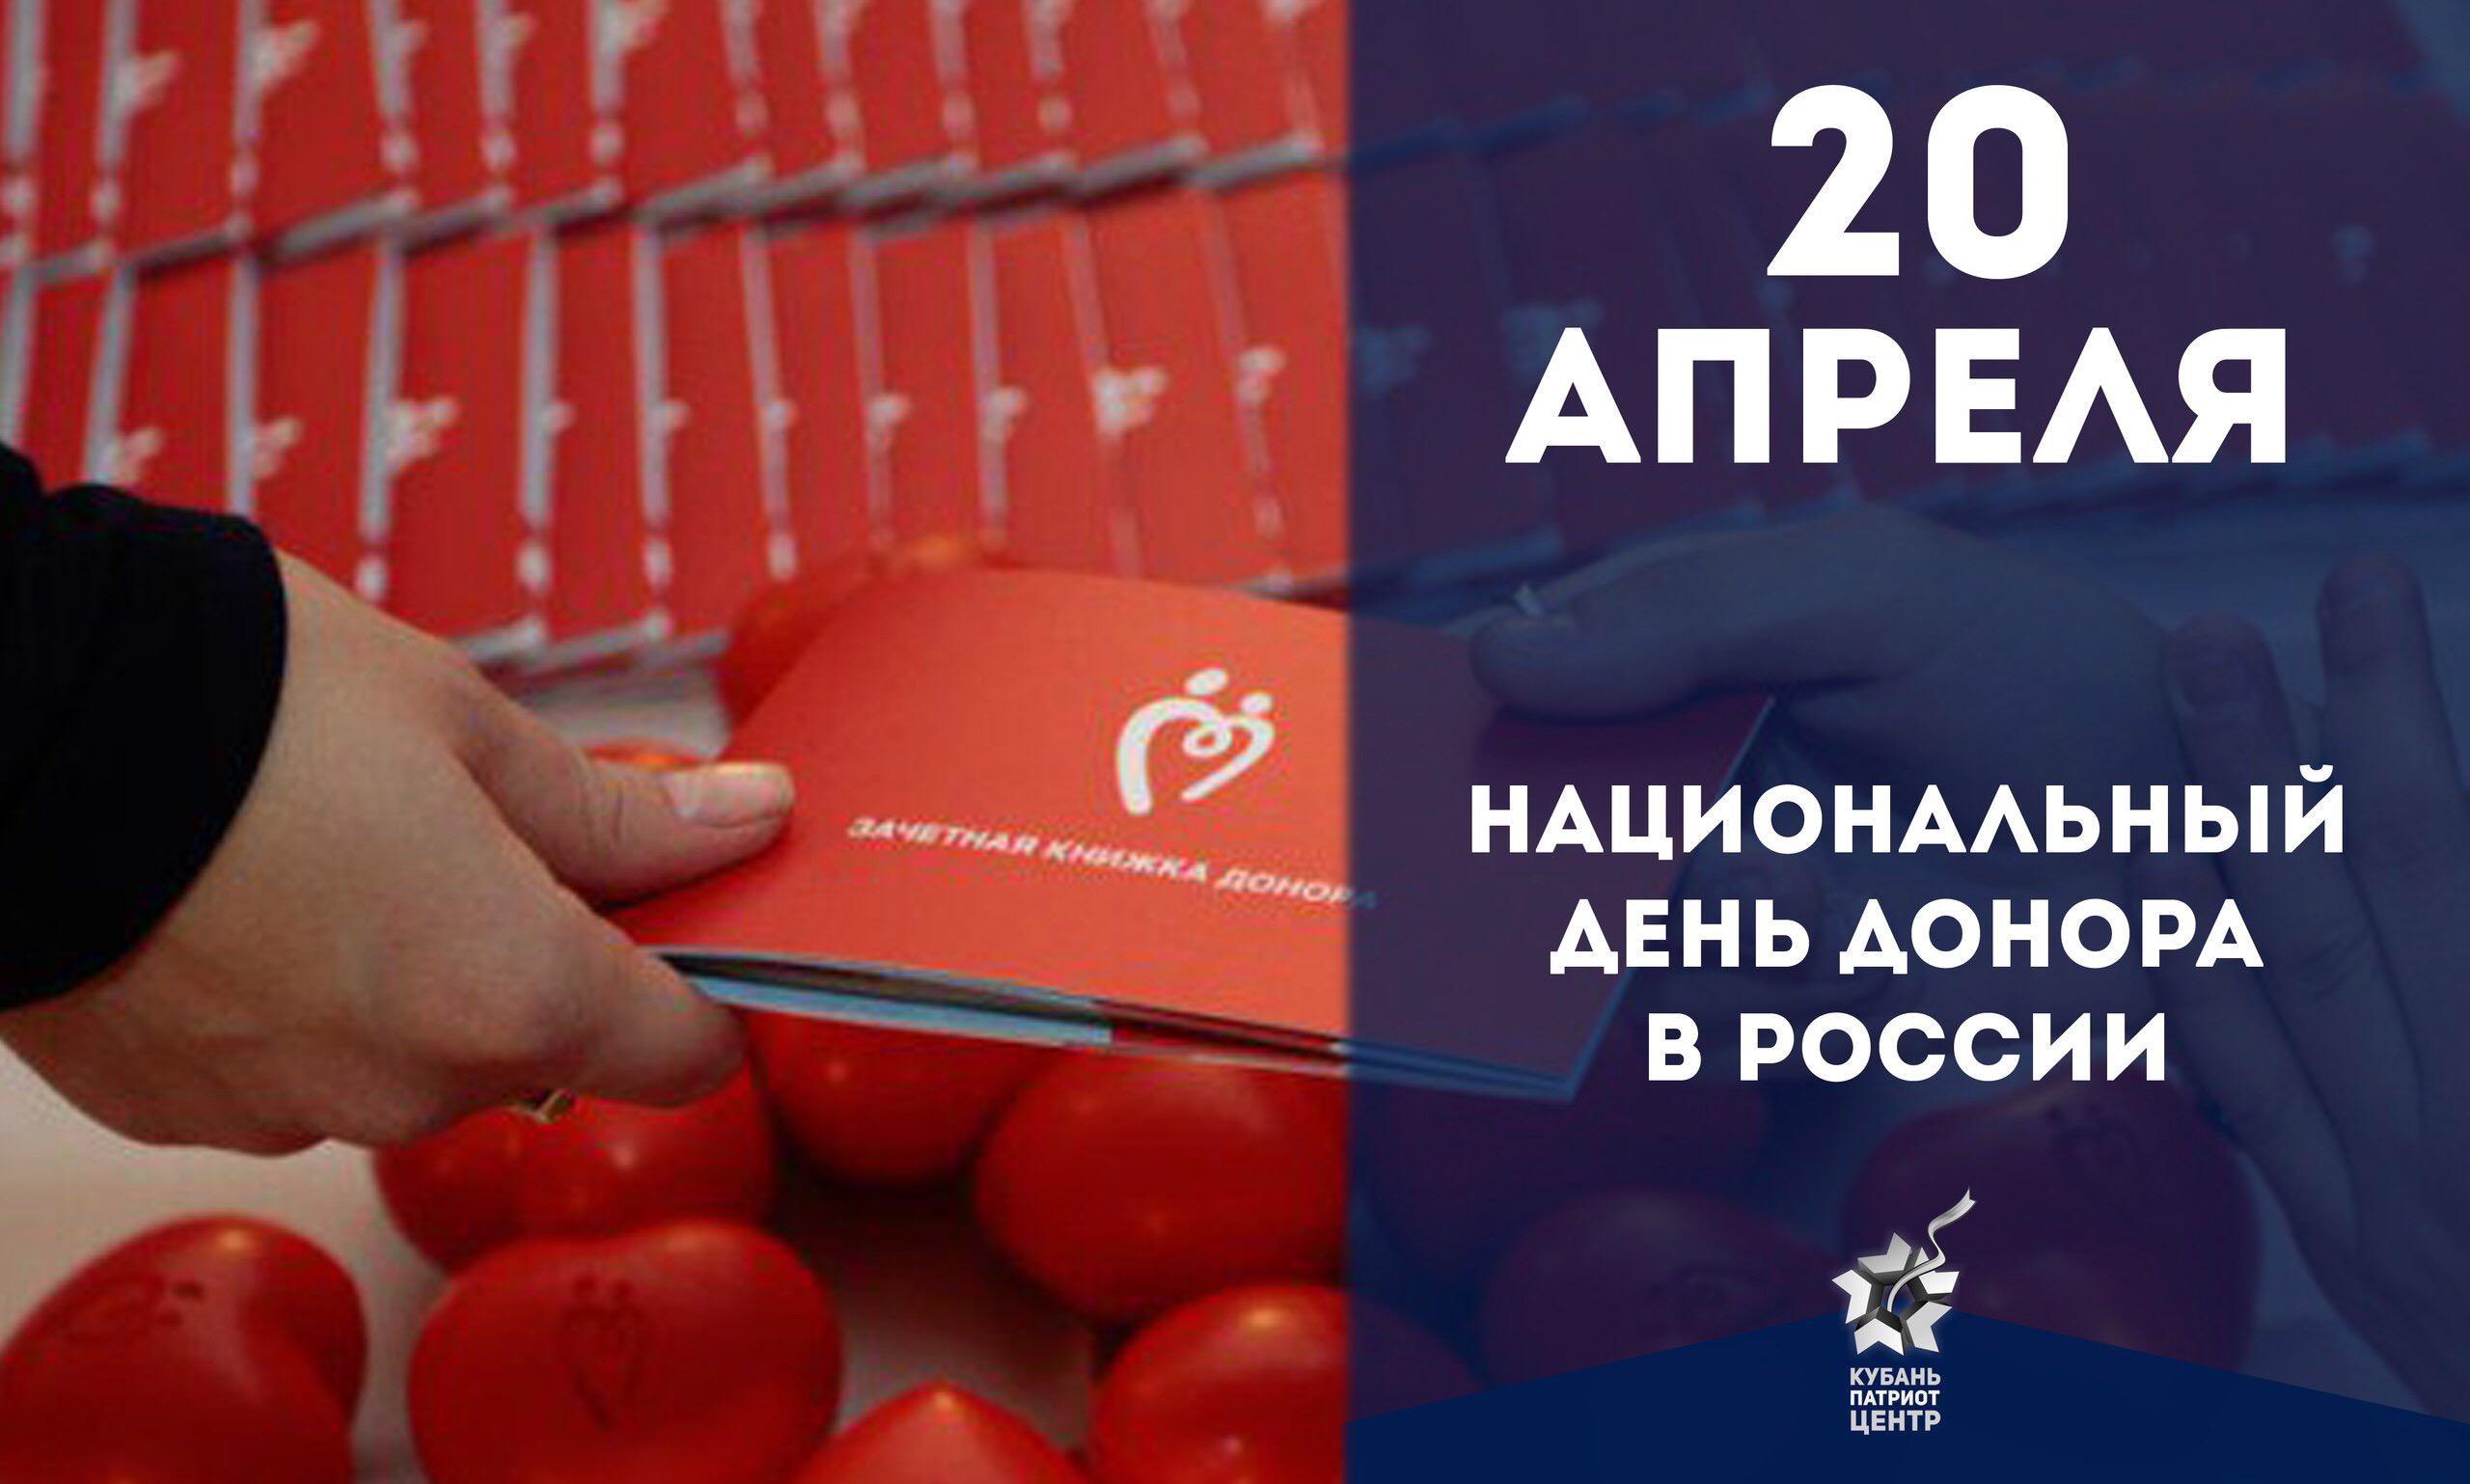 открытки с днем донора в россии 2019 думала